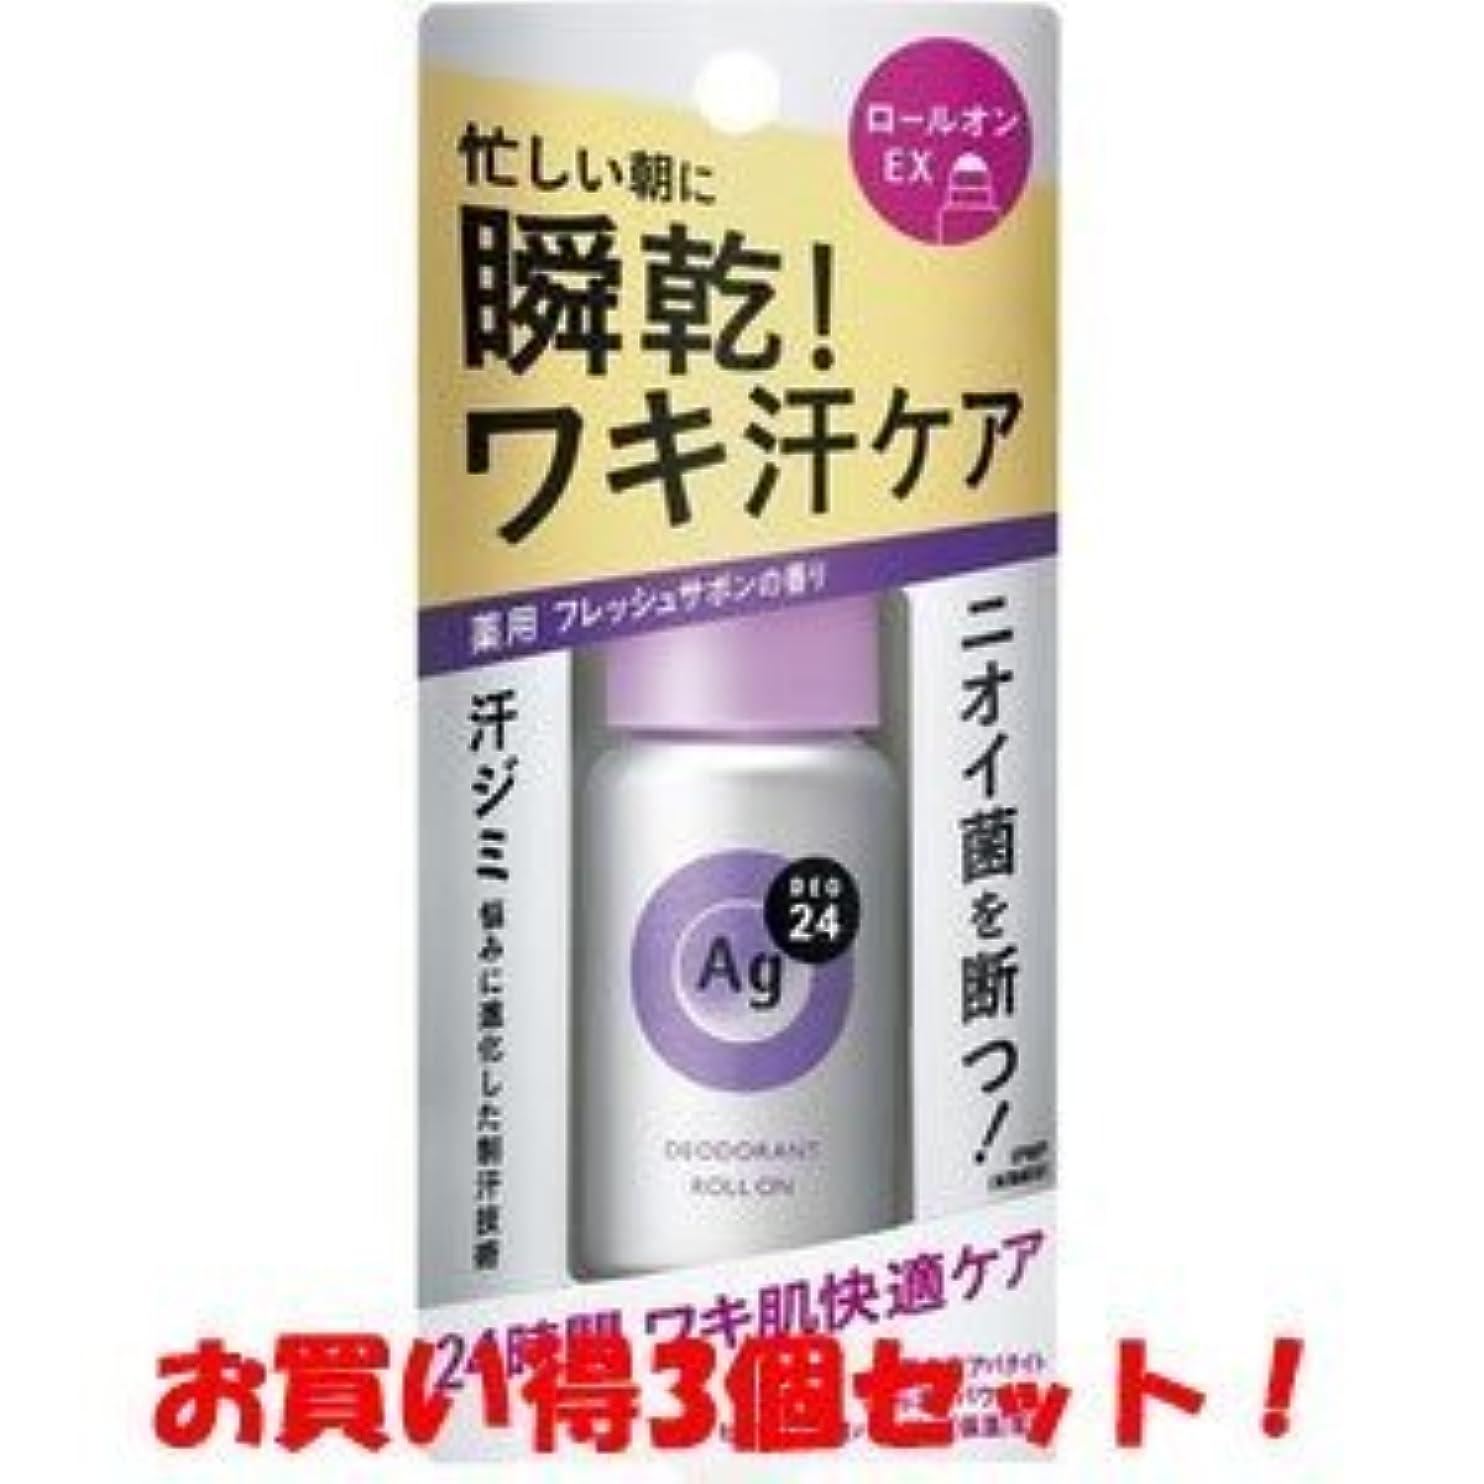 (2018年の新商品)(資生堂)エージー(Ag)デオ24 デオドラントロールオン EX フレッシュサボンの香り 40ml(医薬部外品)(お買い得3個セット)